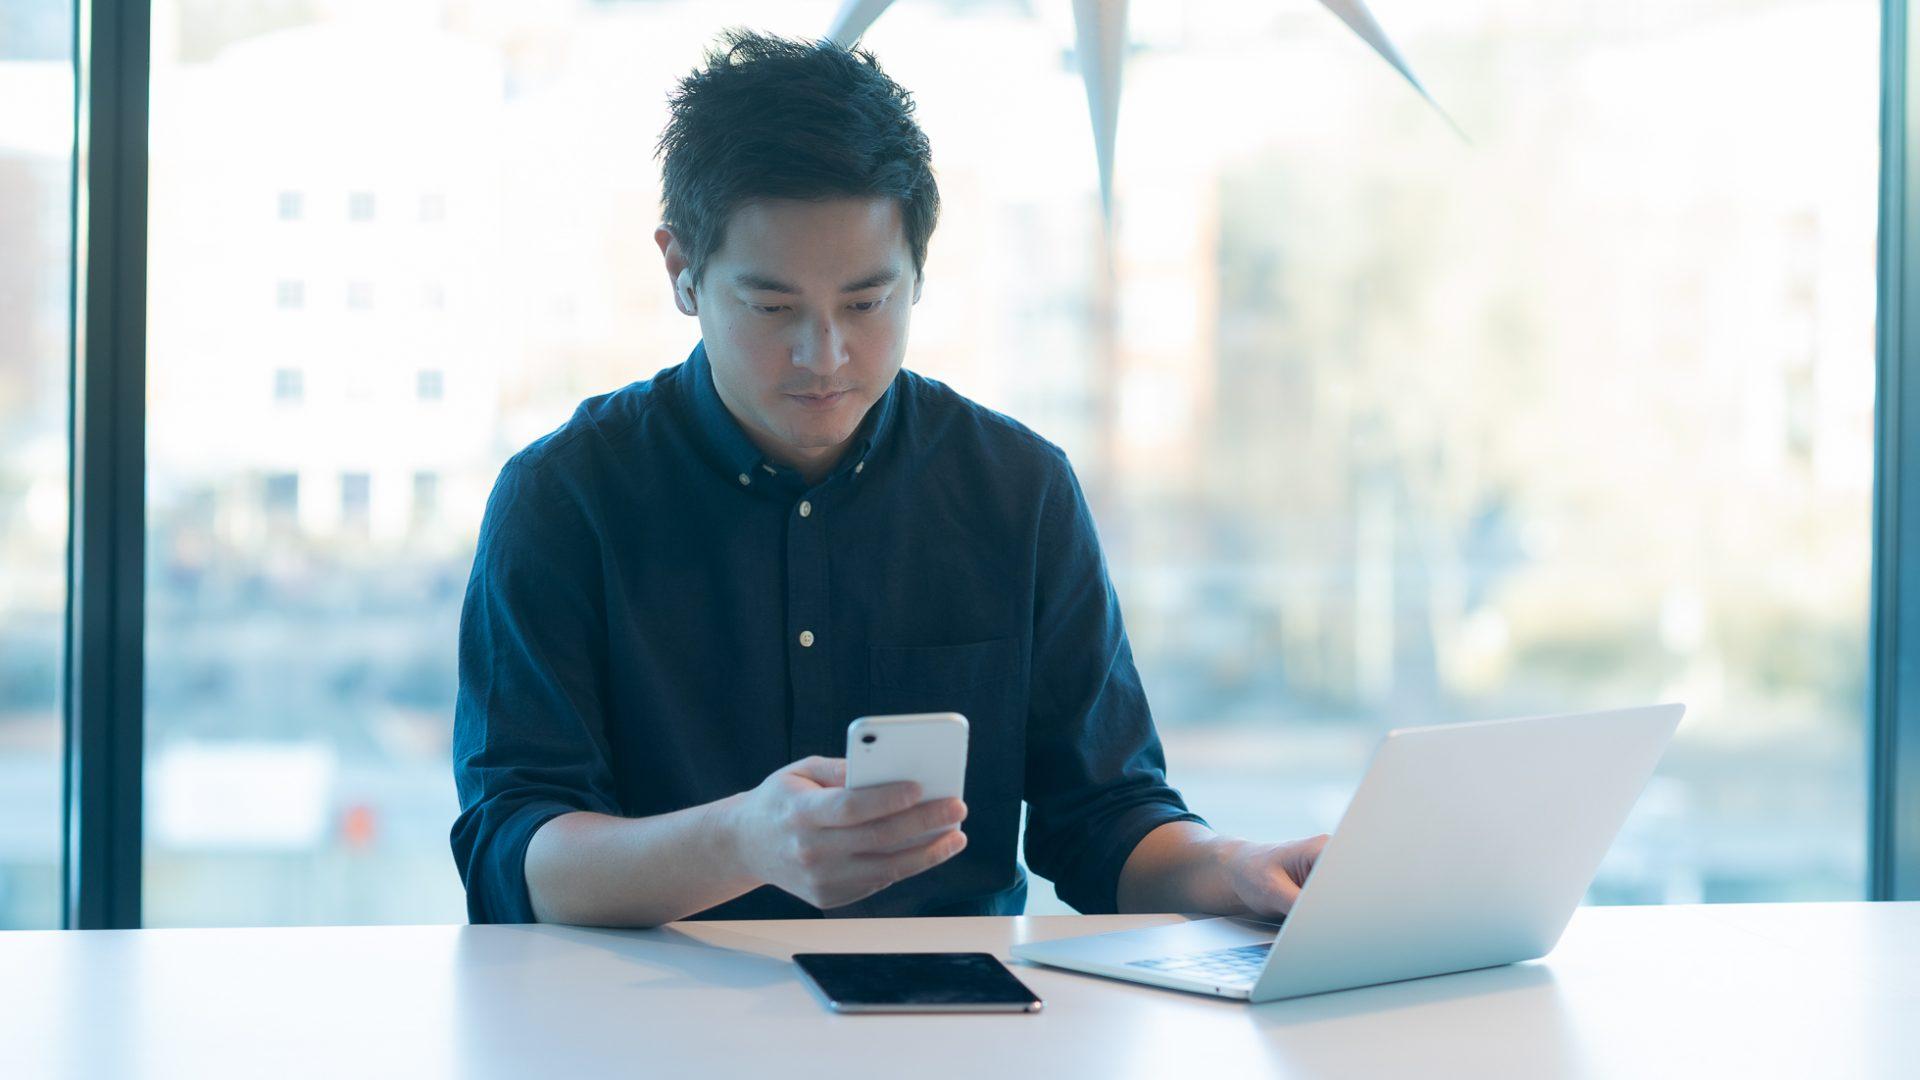 Man håller en mobiltelefon i handen med en laptop och surfplatta framför sig på bordet.